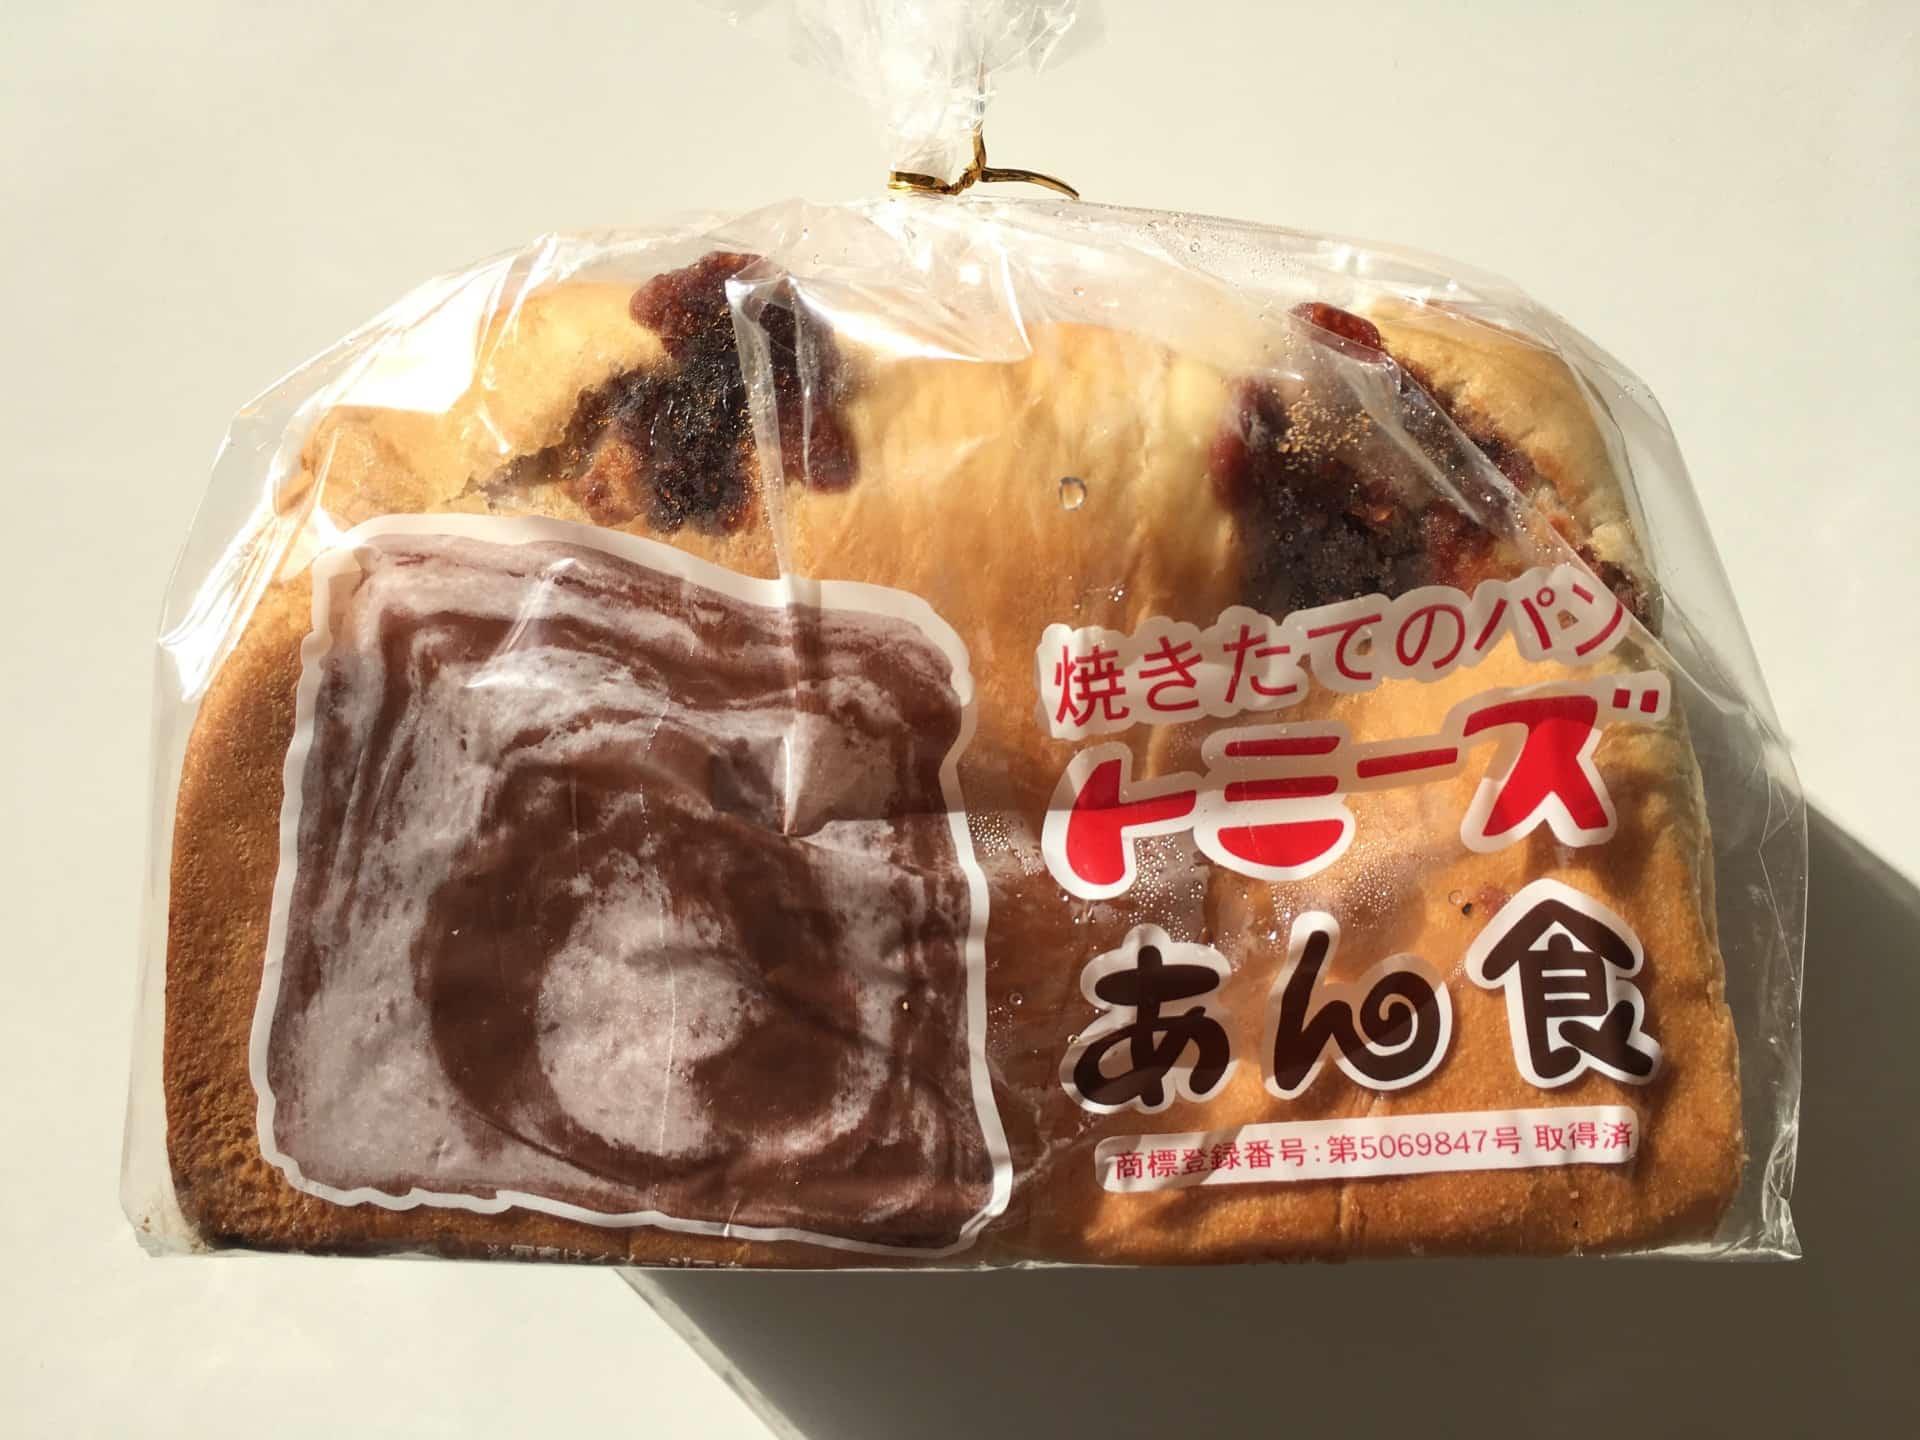 神戸・トミーズの「あん食」はあんこがたっぷり、どっしり。バターをのせるともうやみつき…!